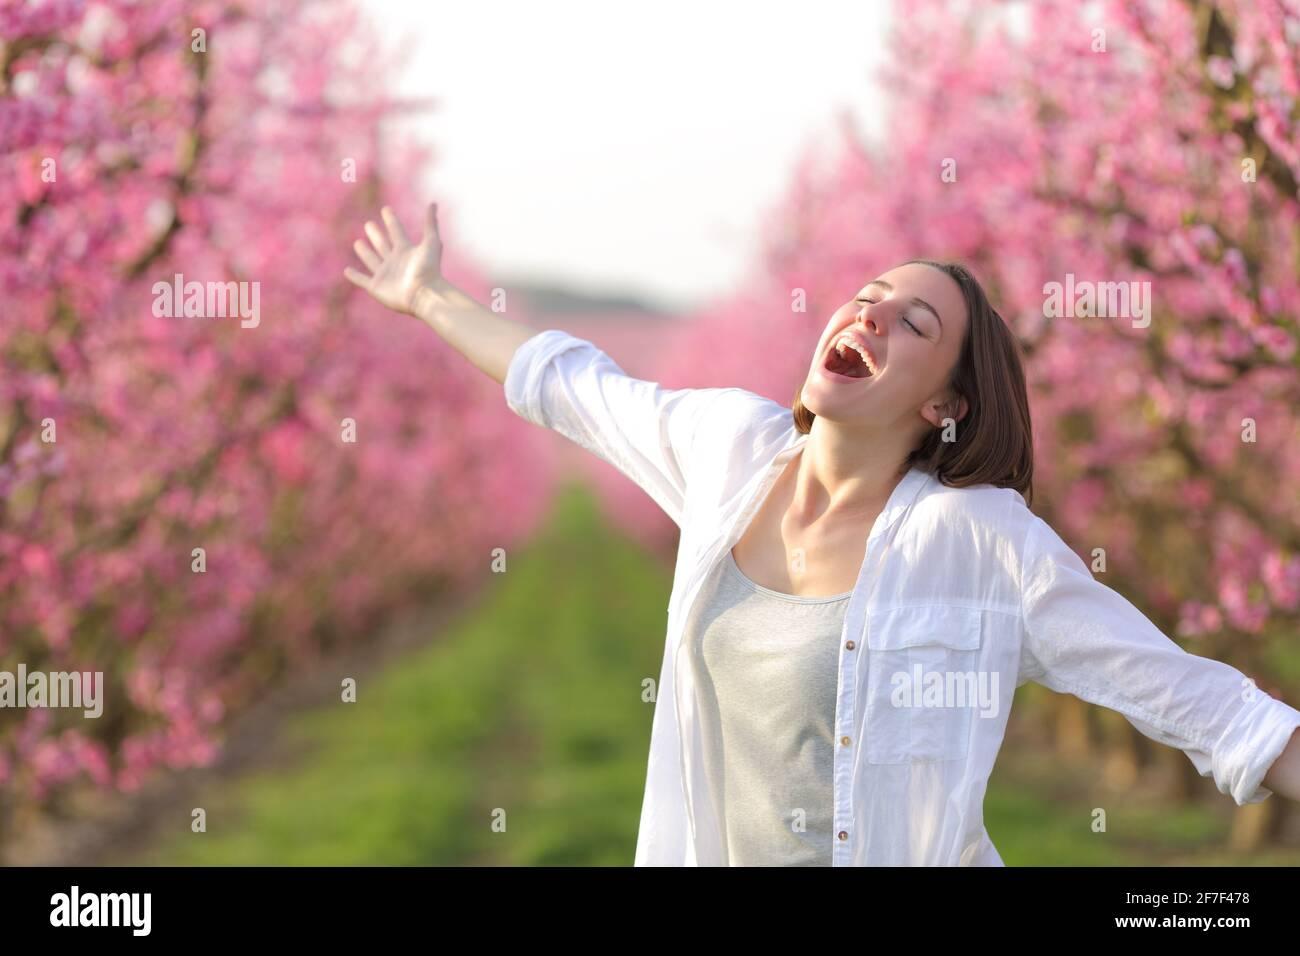 Aufgeregt Frau Strecken Arme feiern Frühling und Urlaub in einem Rosafarbenes Blumenfeld Stockfoto